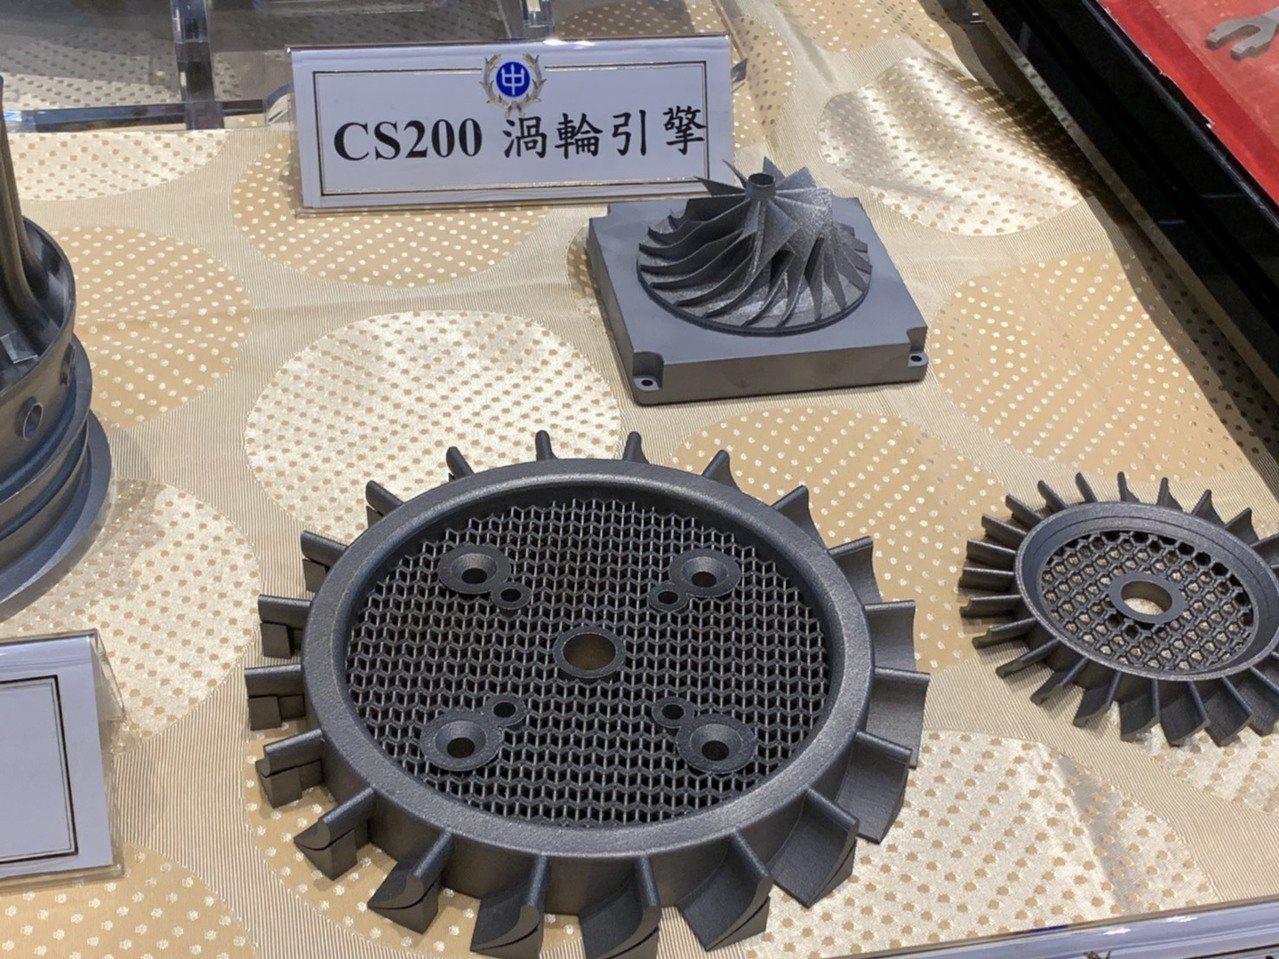 CS200渦輪引擎配件不需再鑄造焊接,都可用3D列印技術列印出來。記者洪哲政/攝...